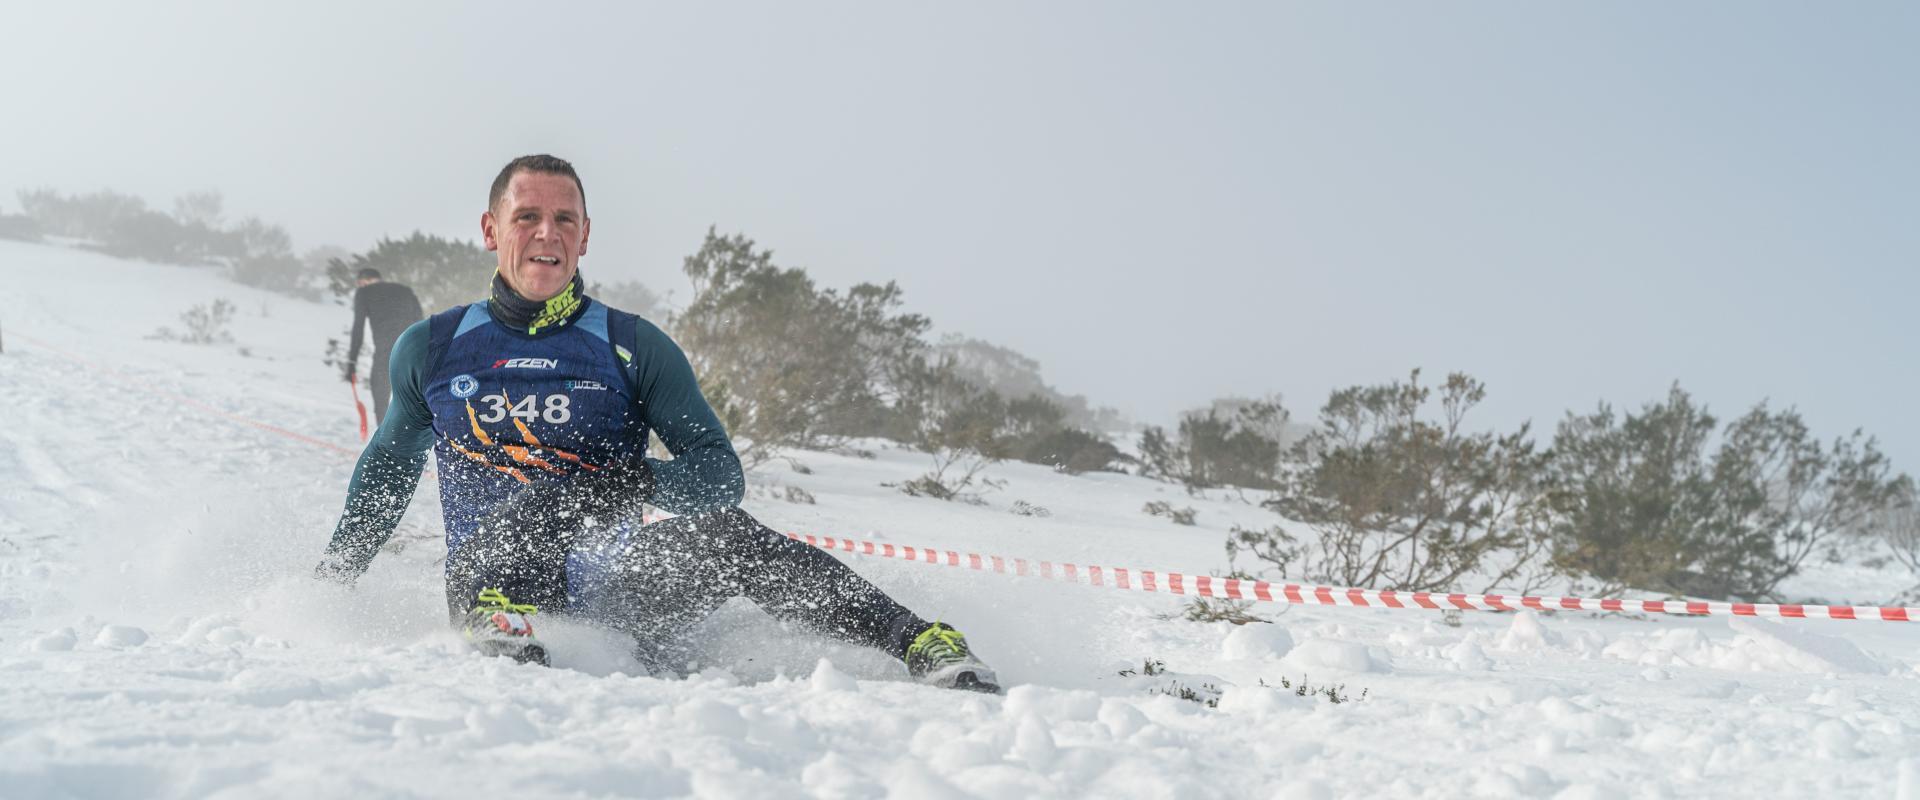 TAMÁRICA WARRIOR SNOW (TURISMO MONTAÑA RIAÑO)